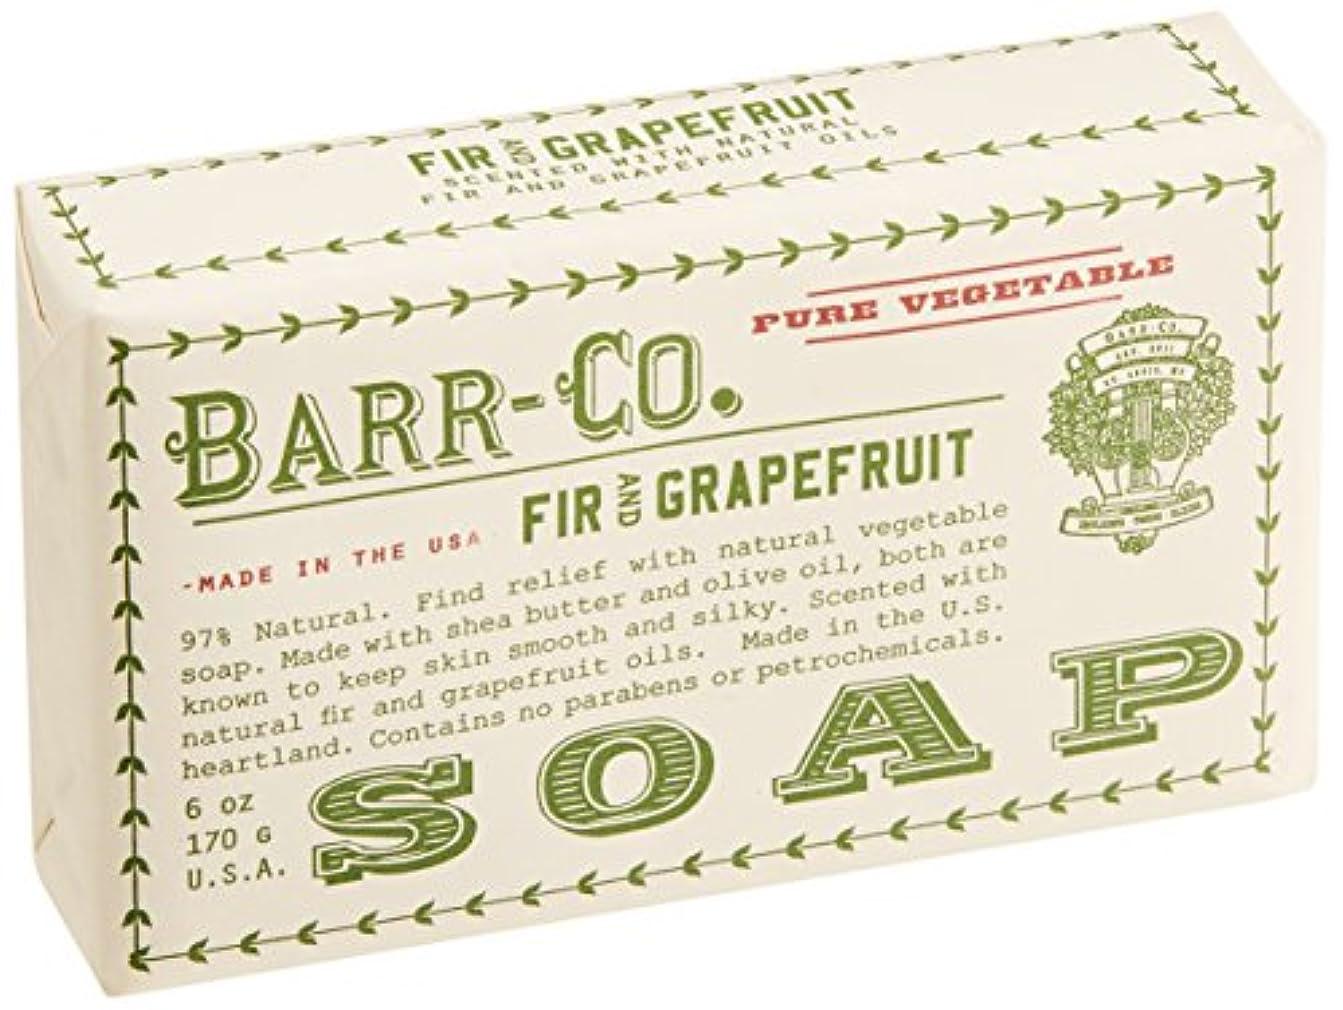 マンハッタン研磨剤頼るBARR-CO.(バーコー) バーソープ FIR&GRAPEFRUIT